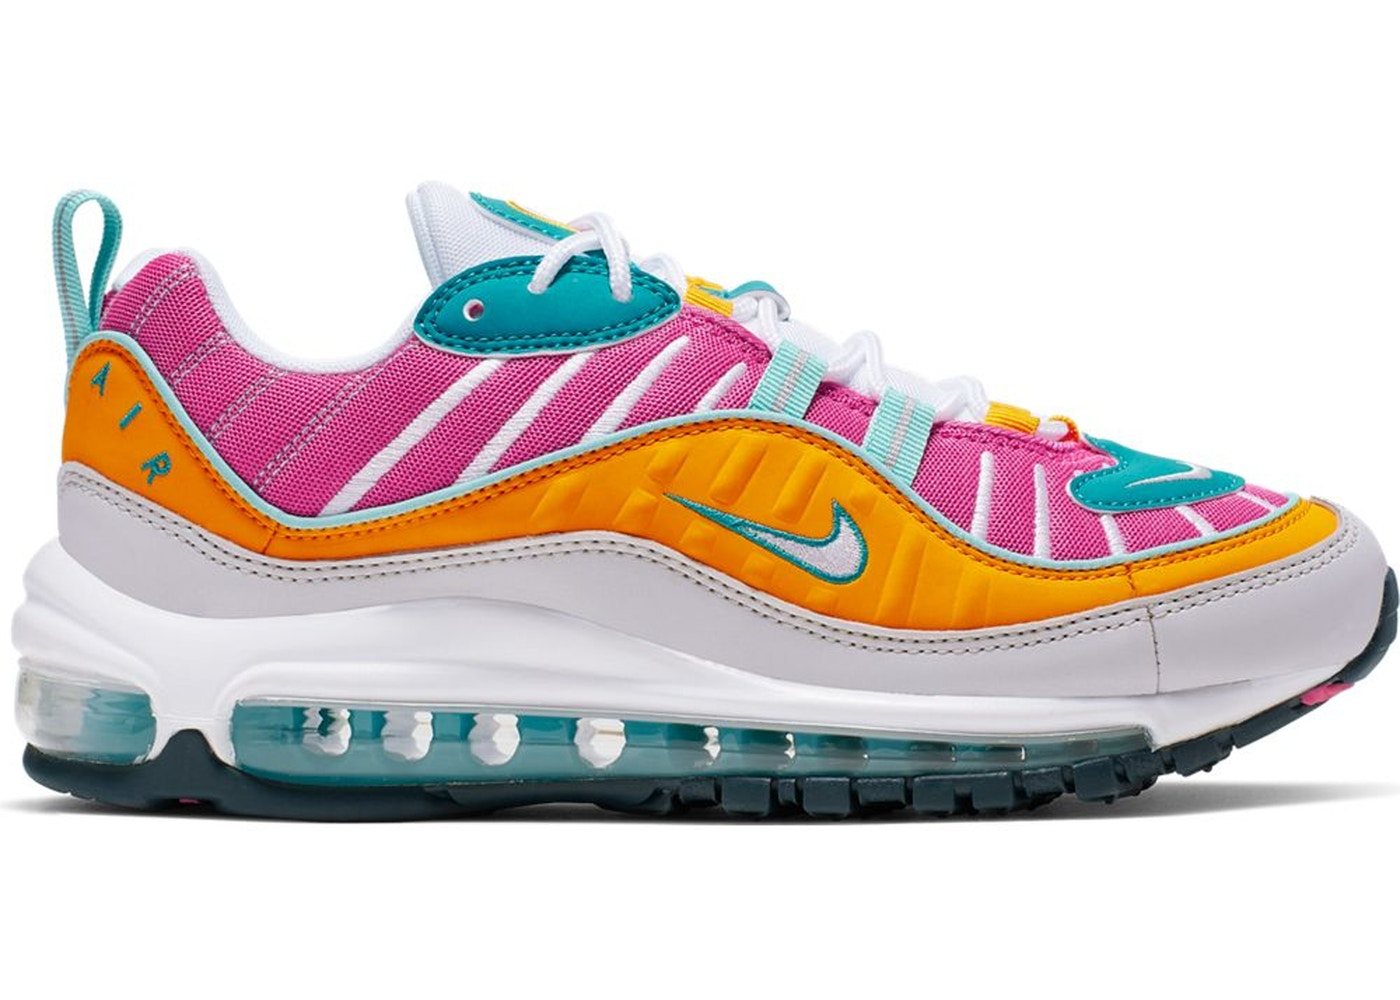 air max 98 pastel